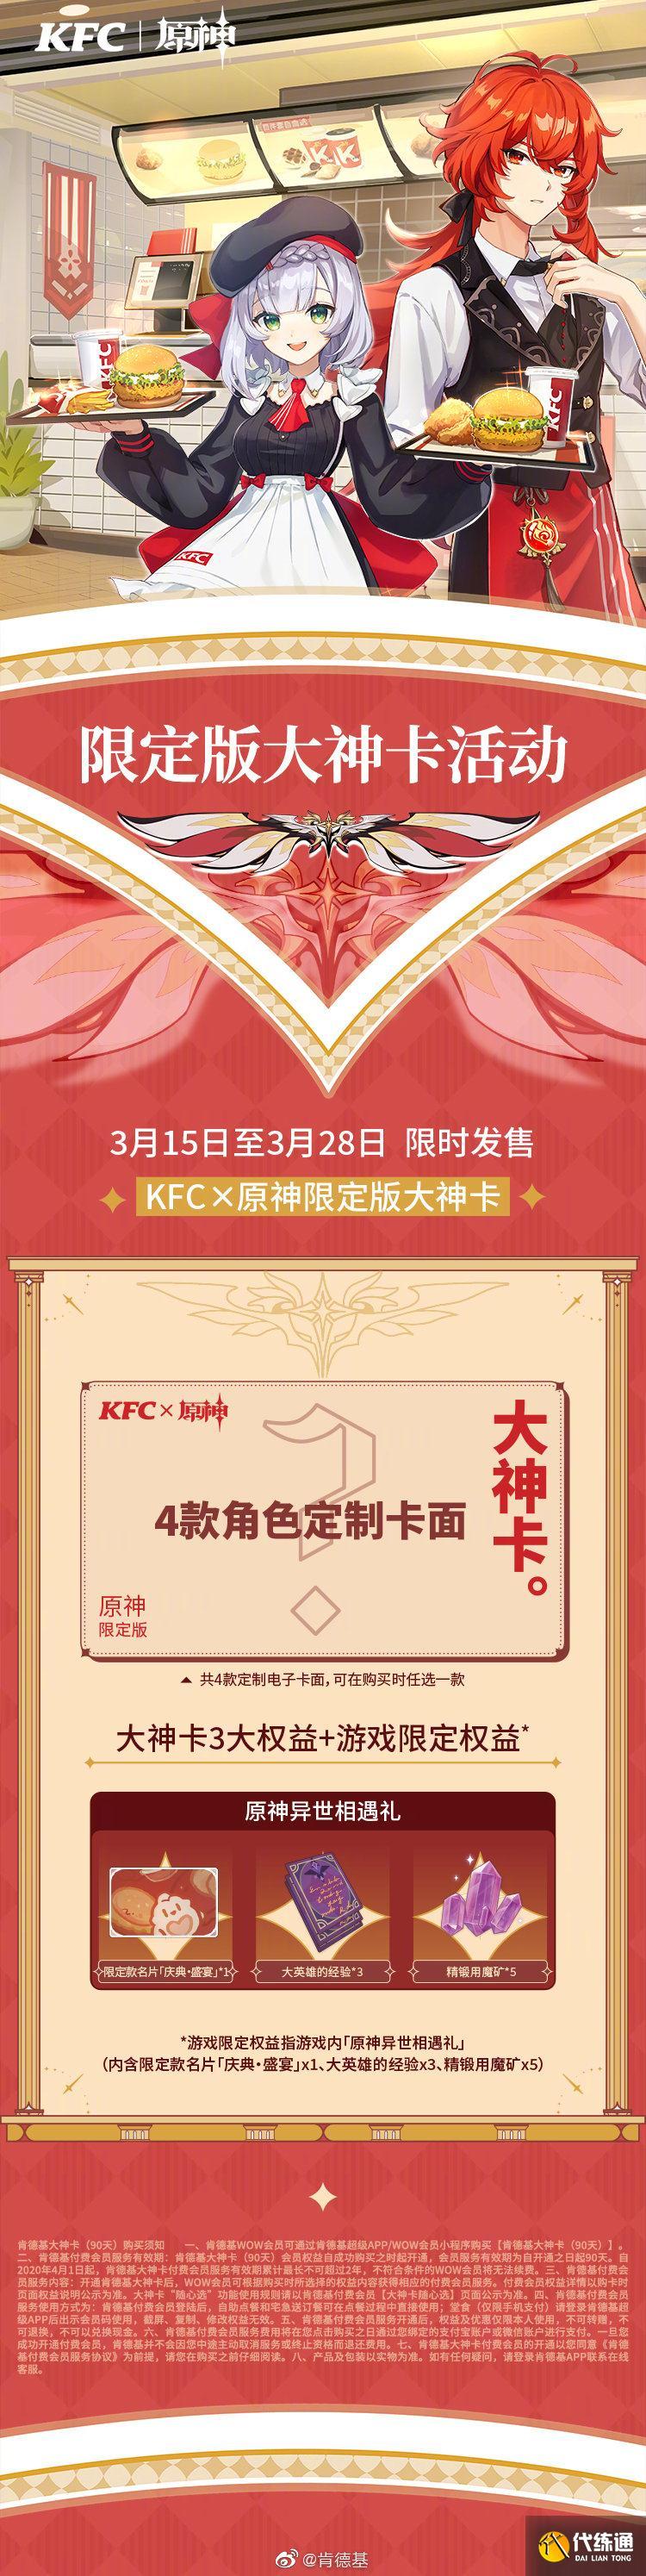 《原神》x 肯德基新活動公布:買套餐送游戲內禮包和裝扮